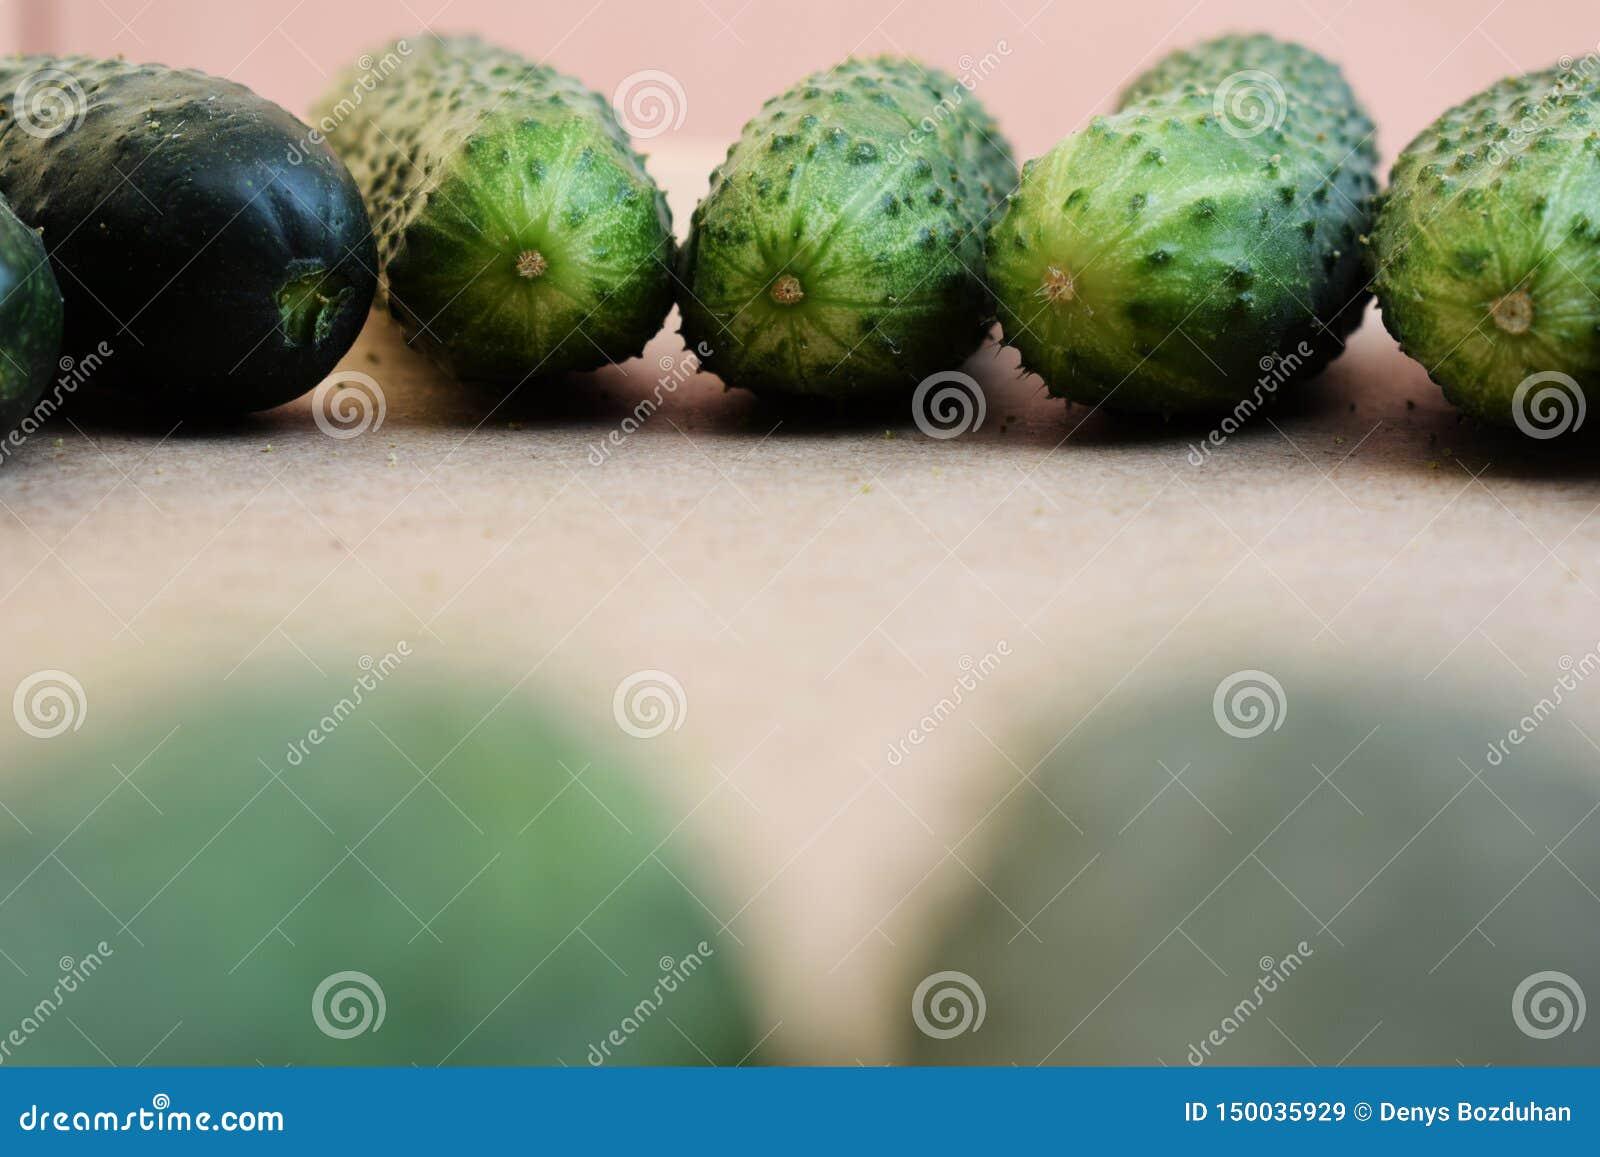 Свежие зеленые огурцы Полезные овощи и еда r Огурец содержит витамины группы b, a